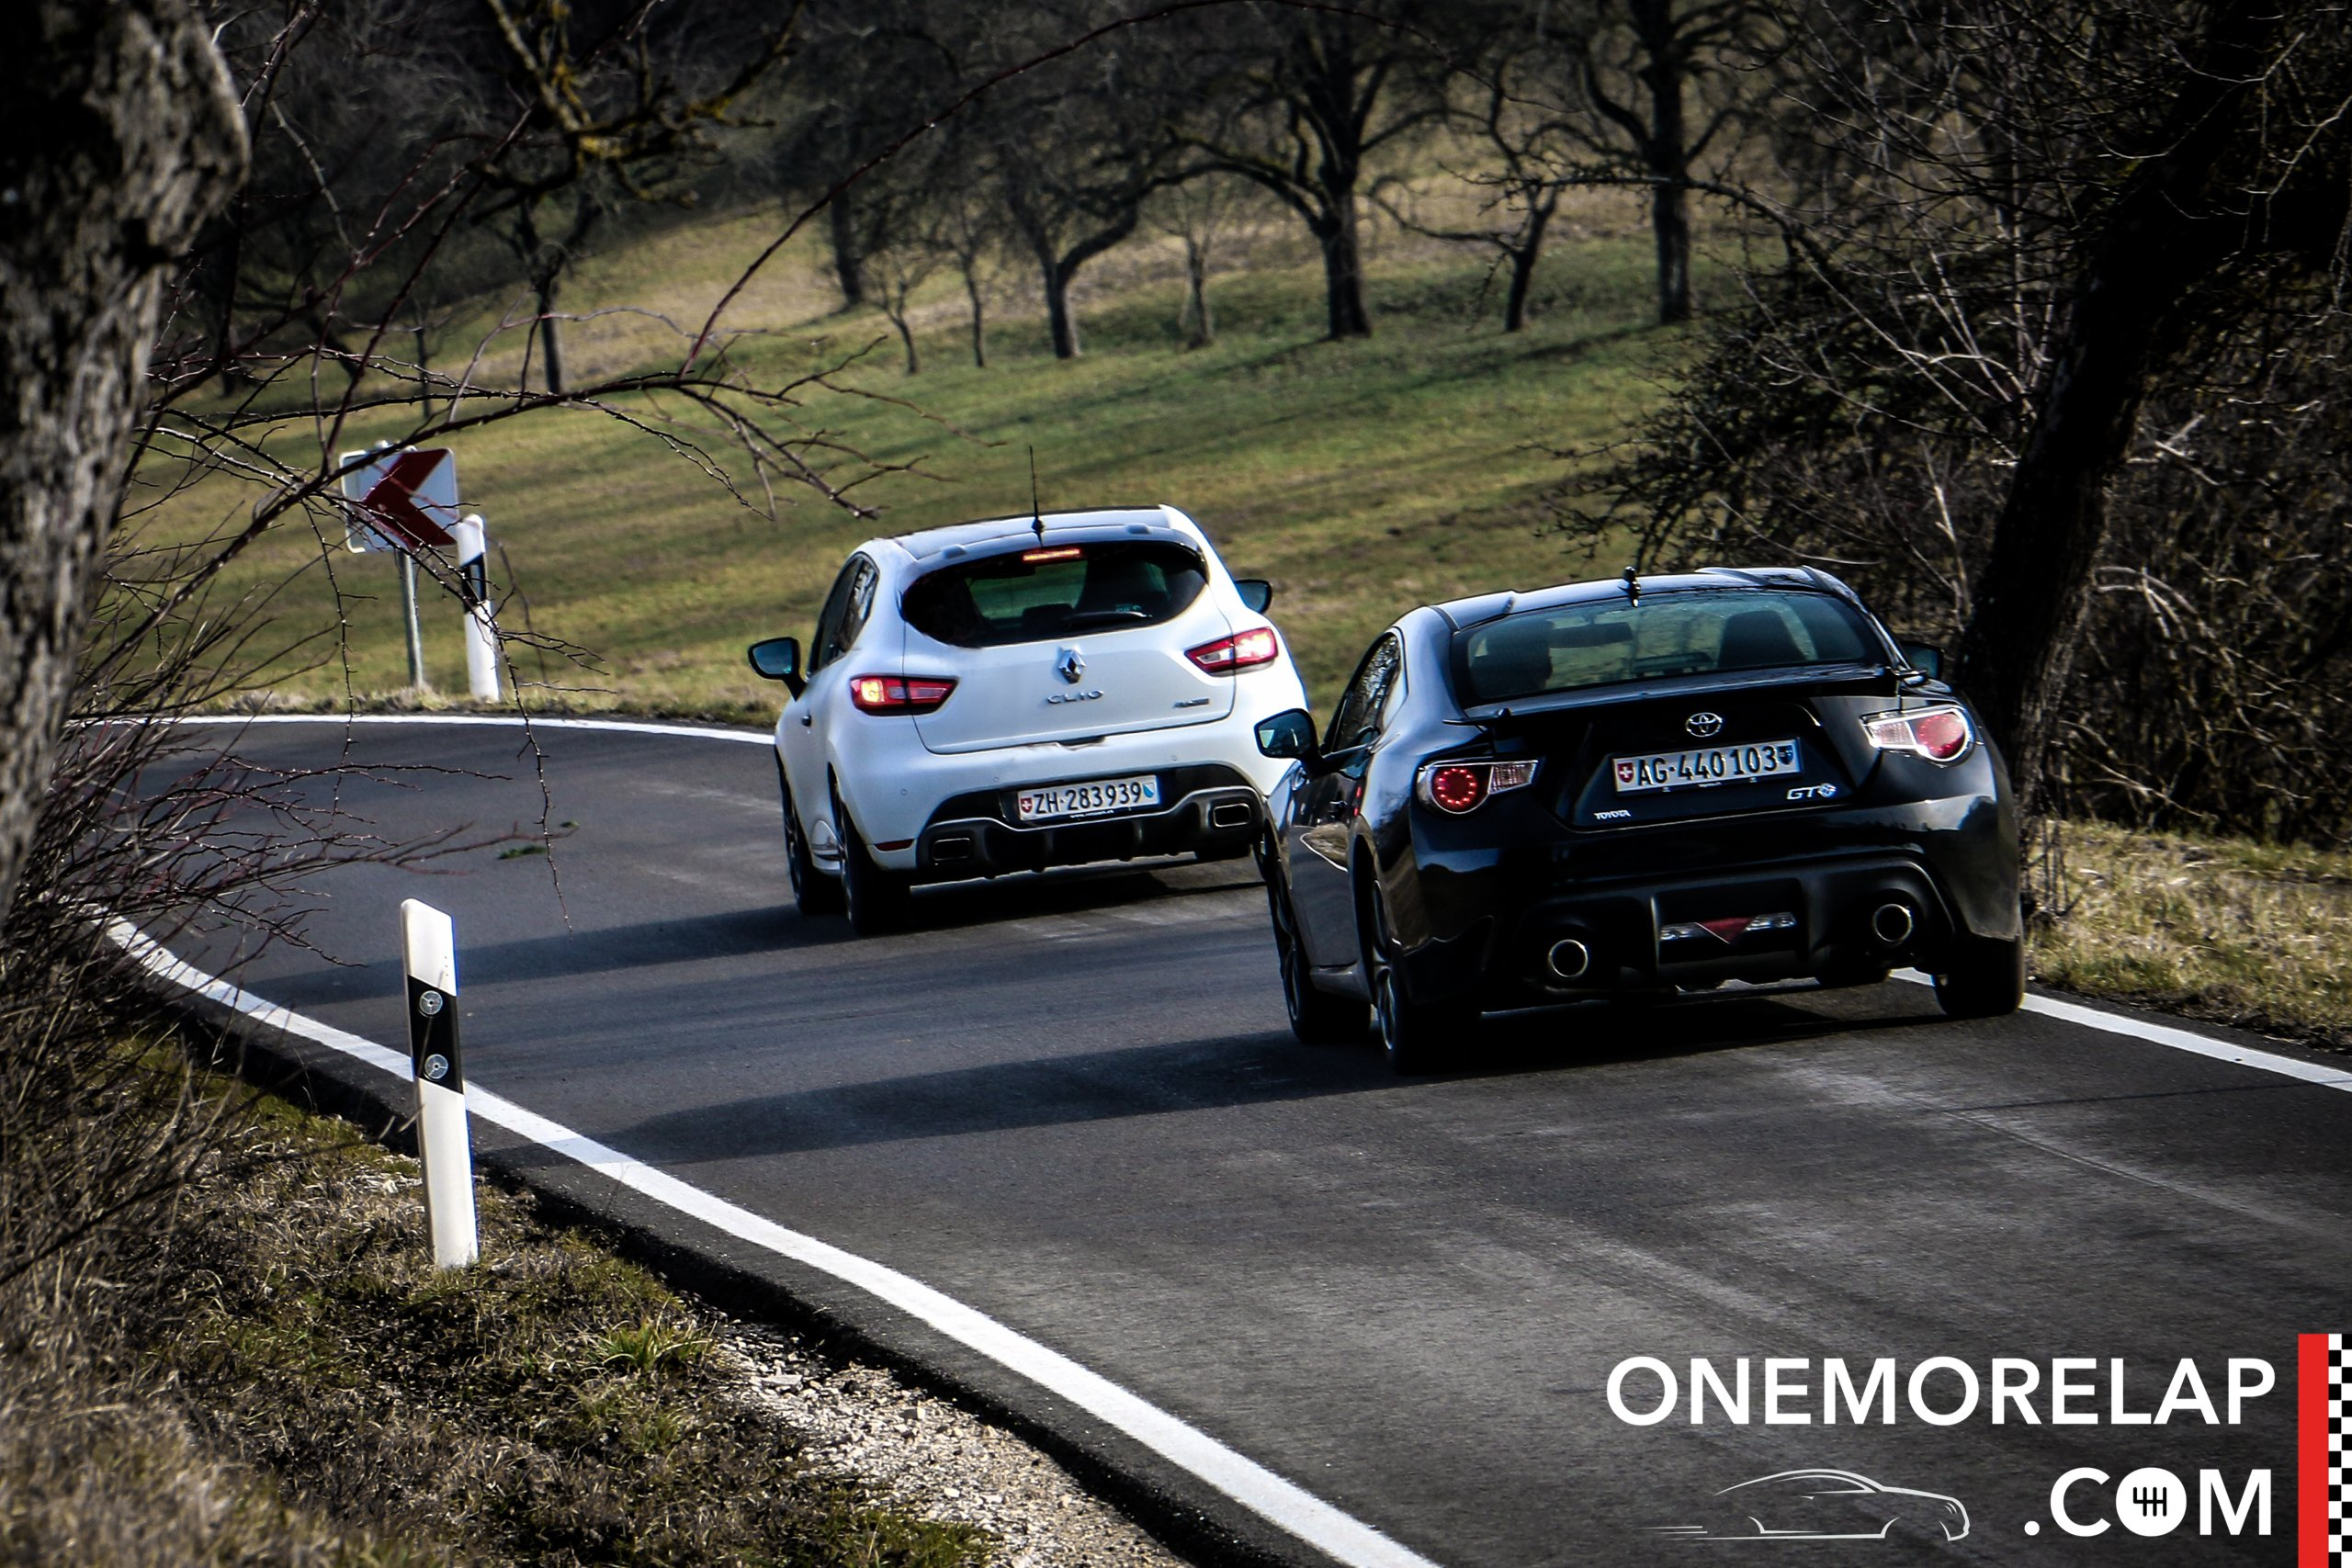 Vergleichstest: Renault Clio RS 220 Trophy und Toyota GT86